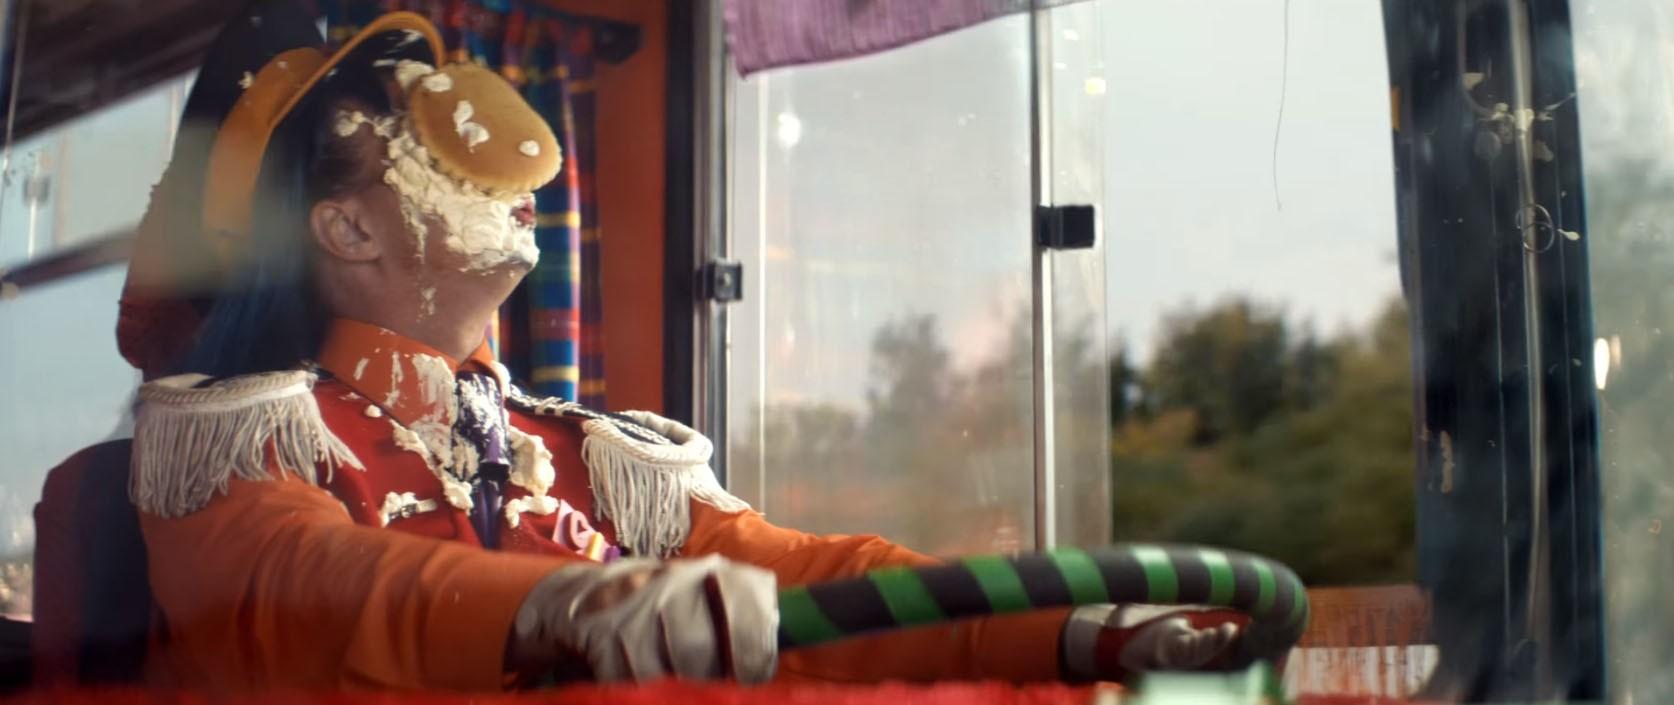 audi clown commercial